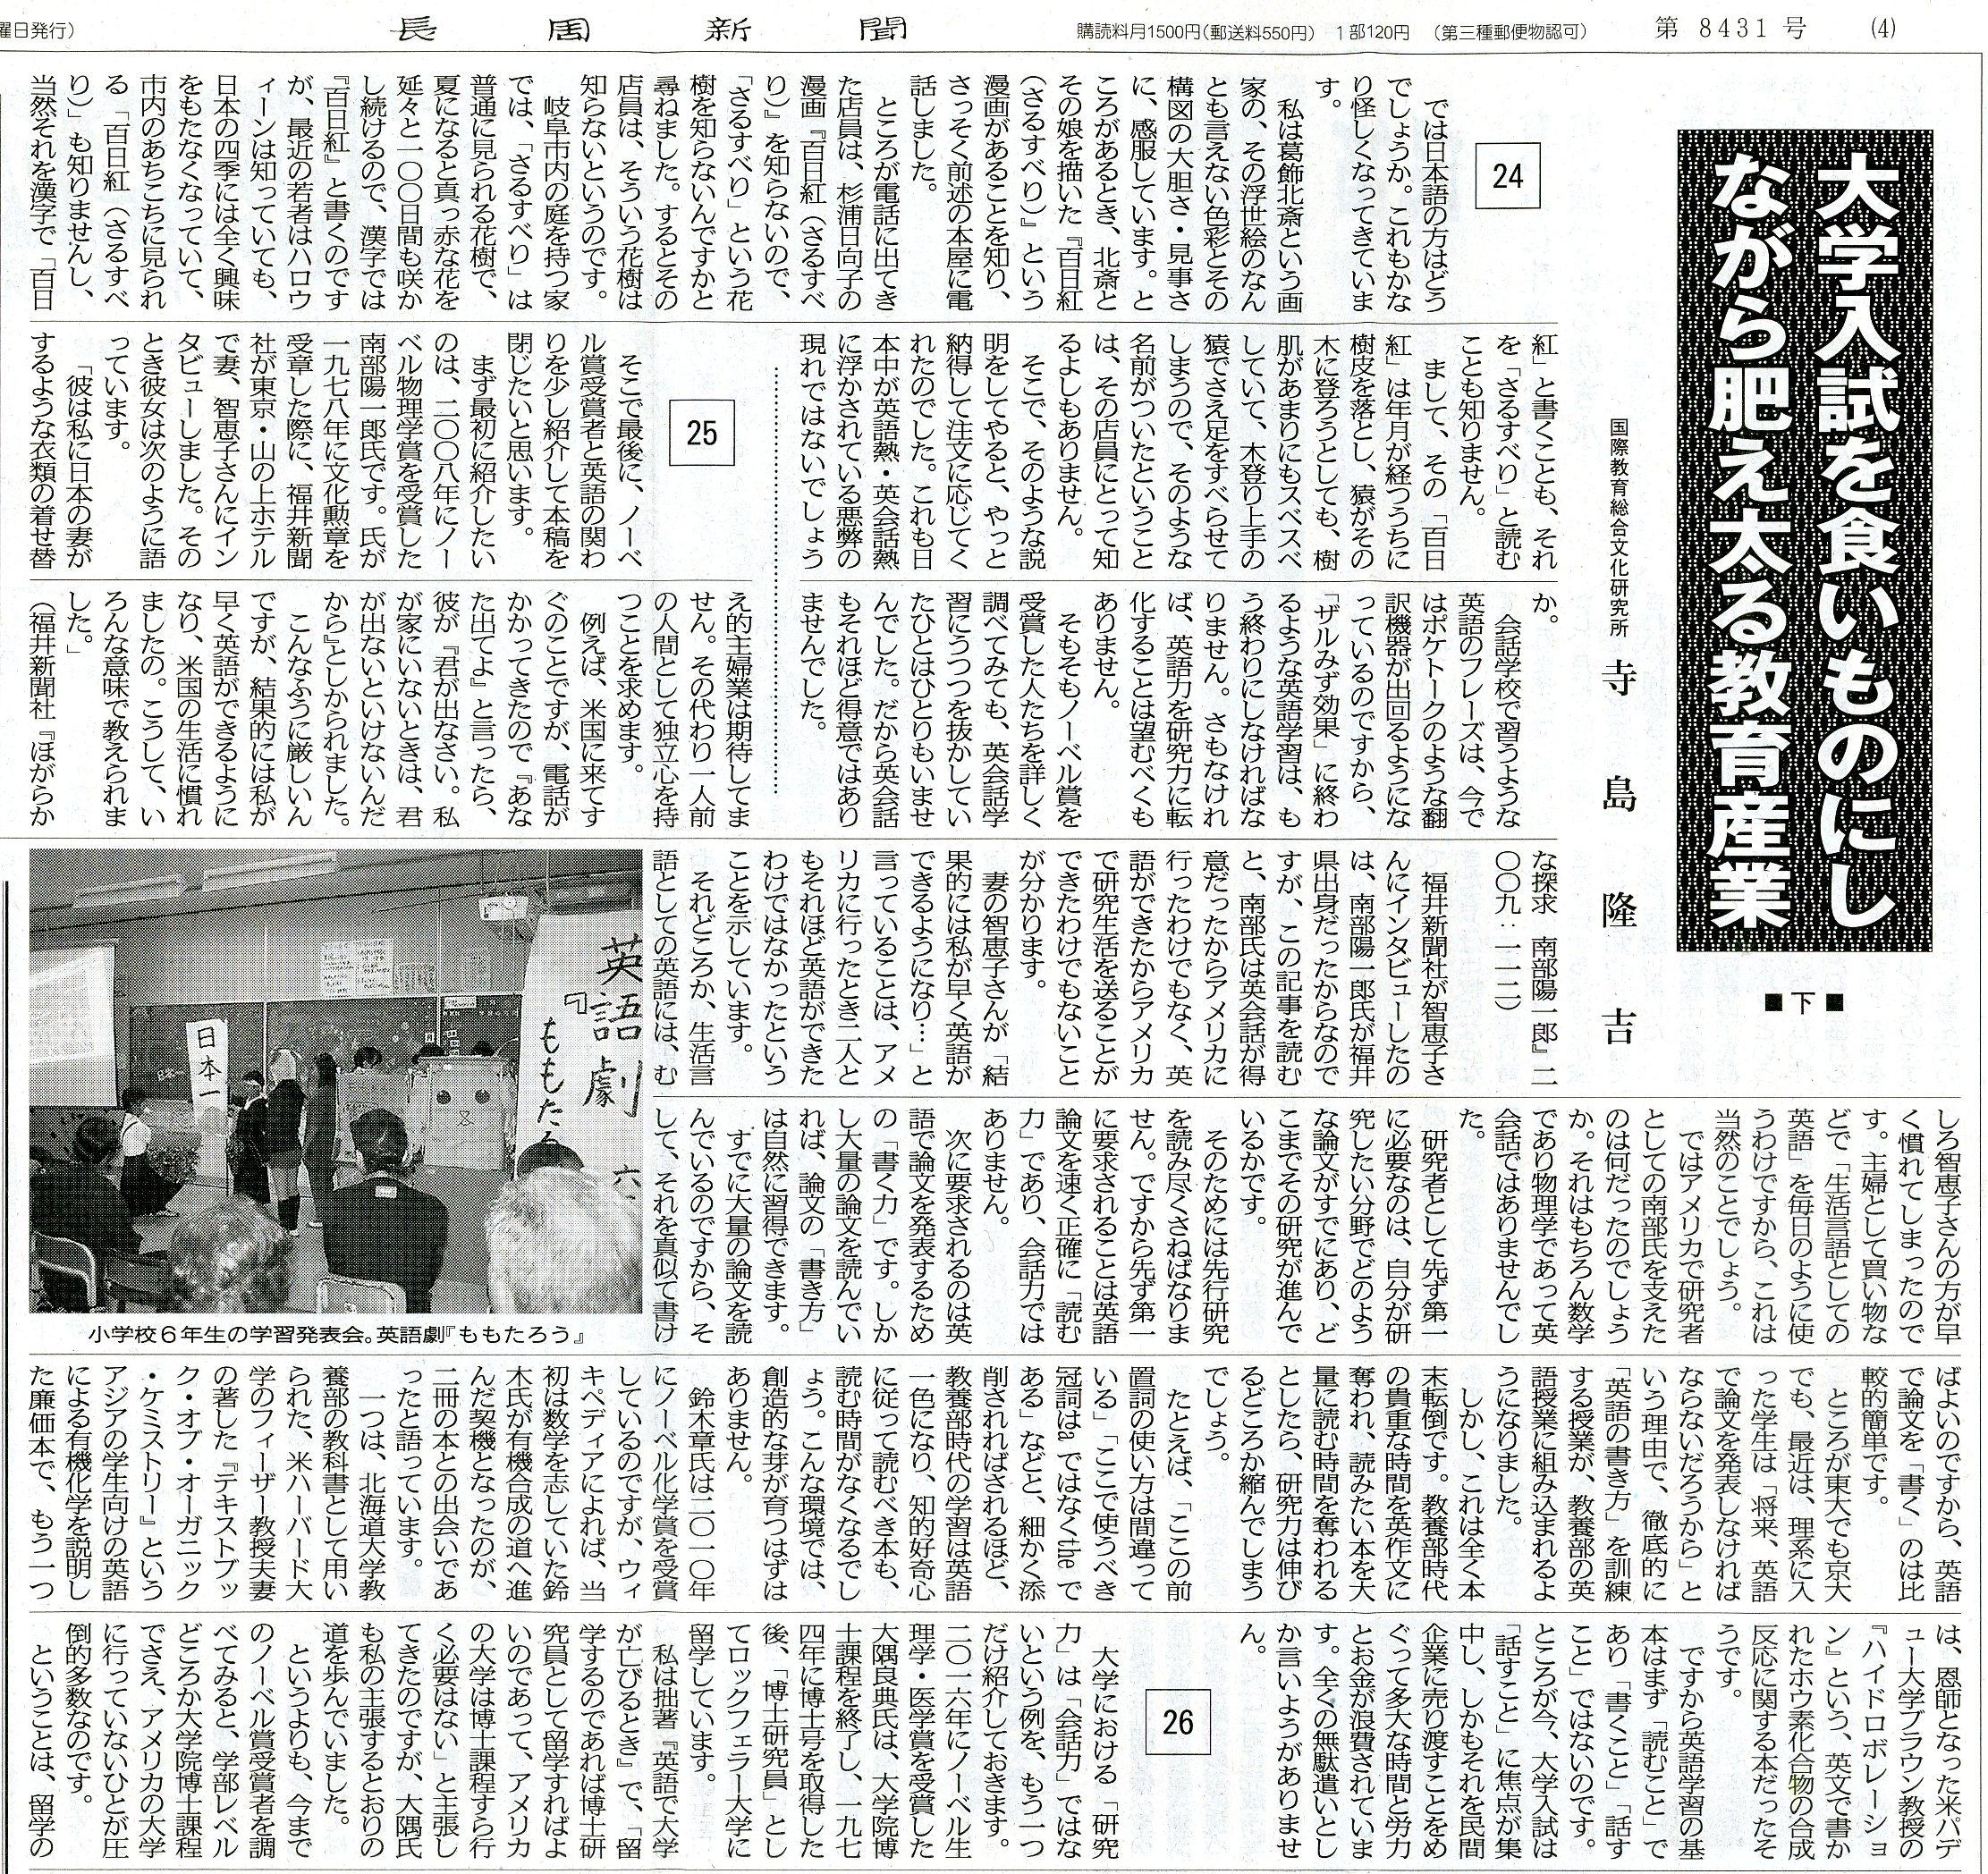 長周新聞20191122寺島隆吉「大学入試を食い物にしながら肥え太る教育産業」下